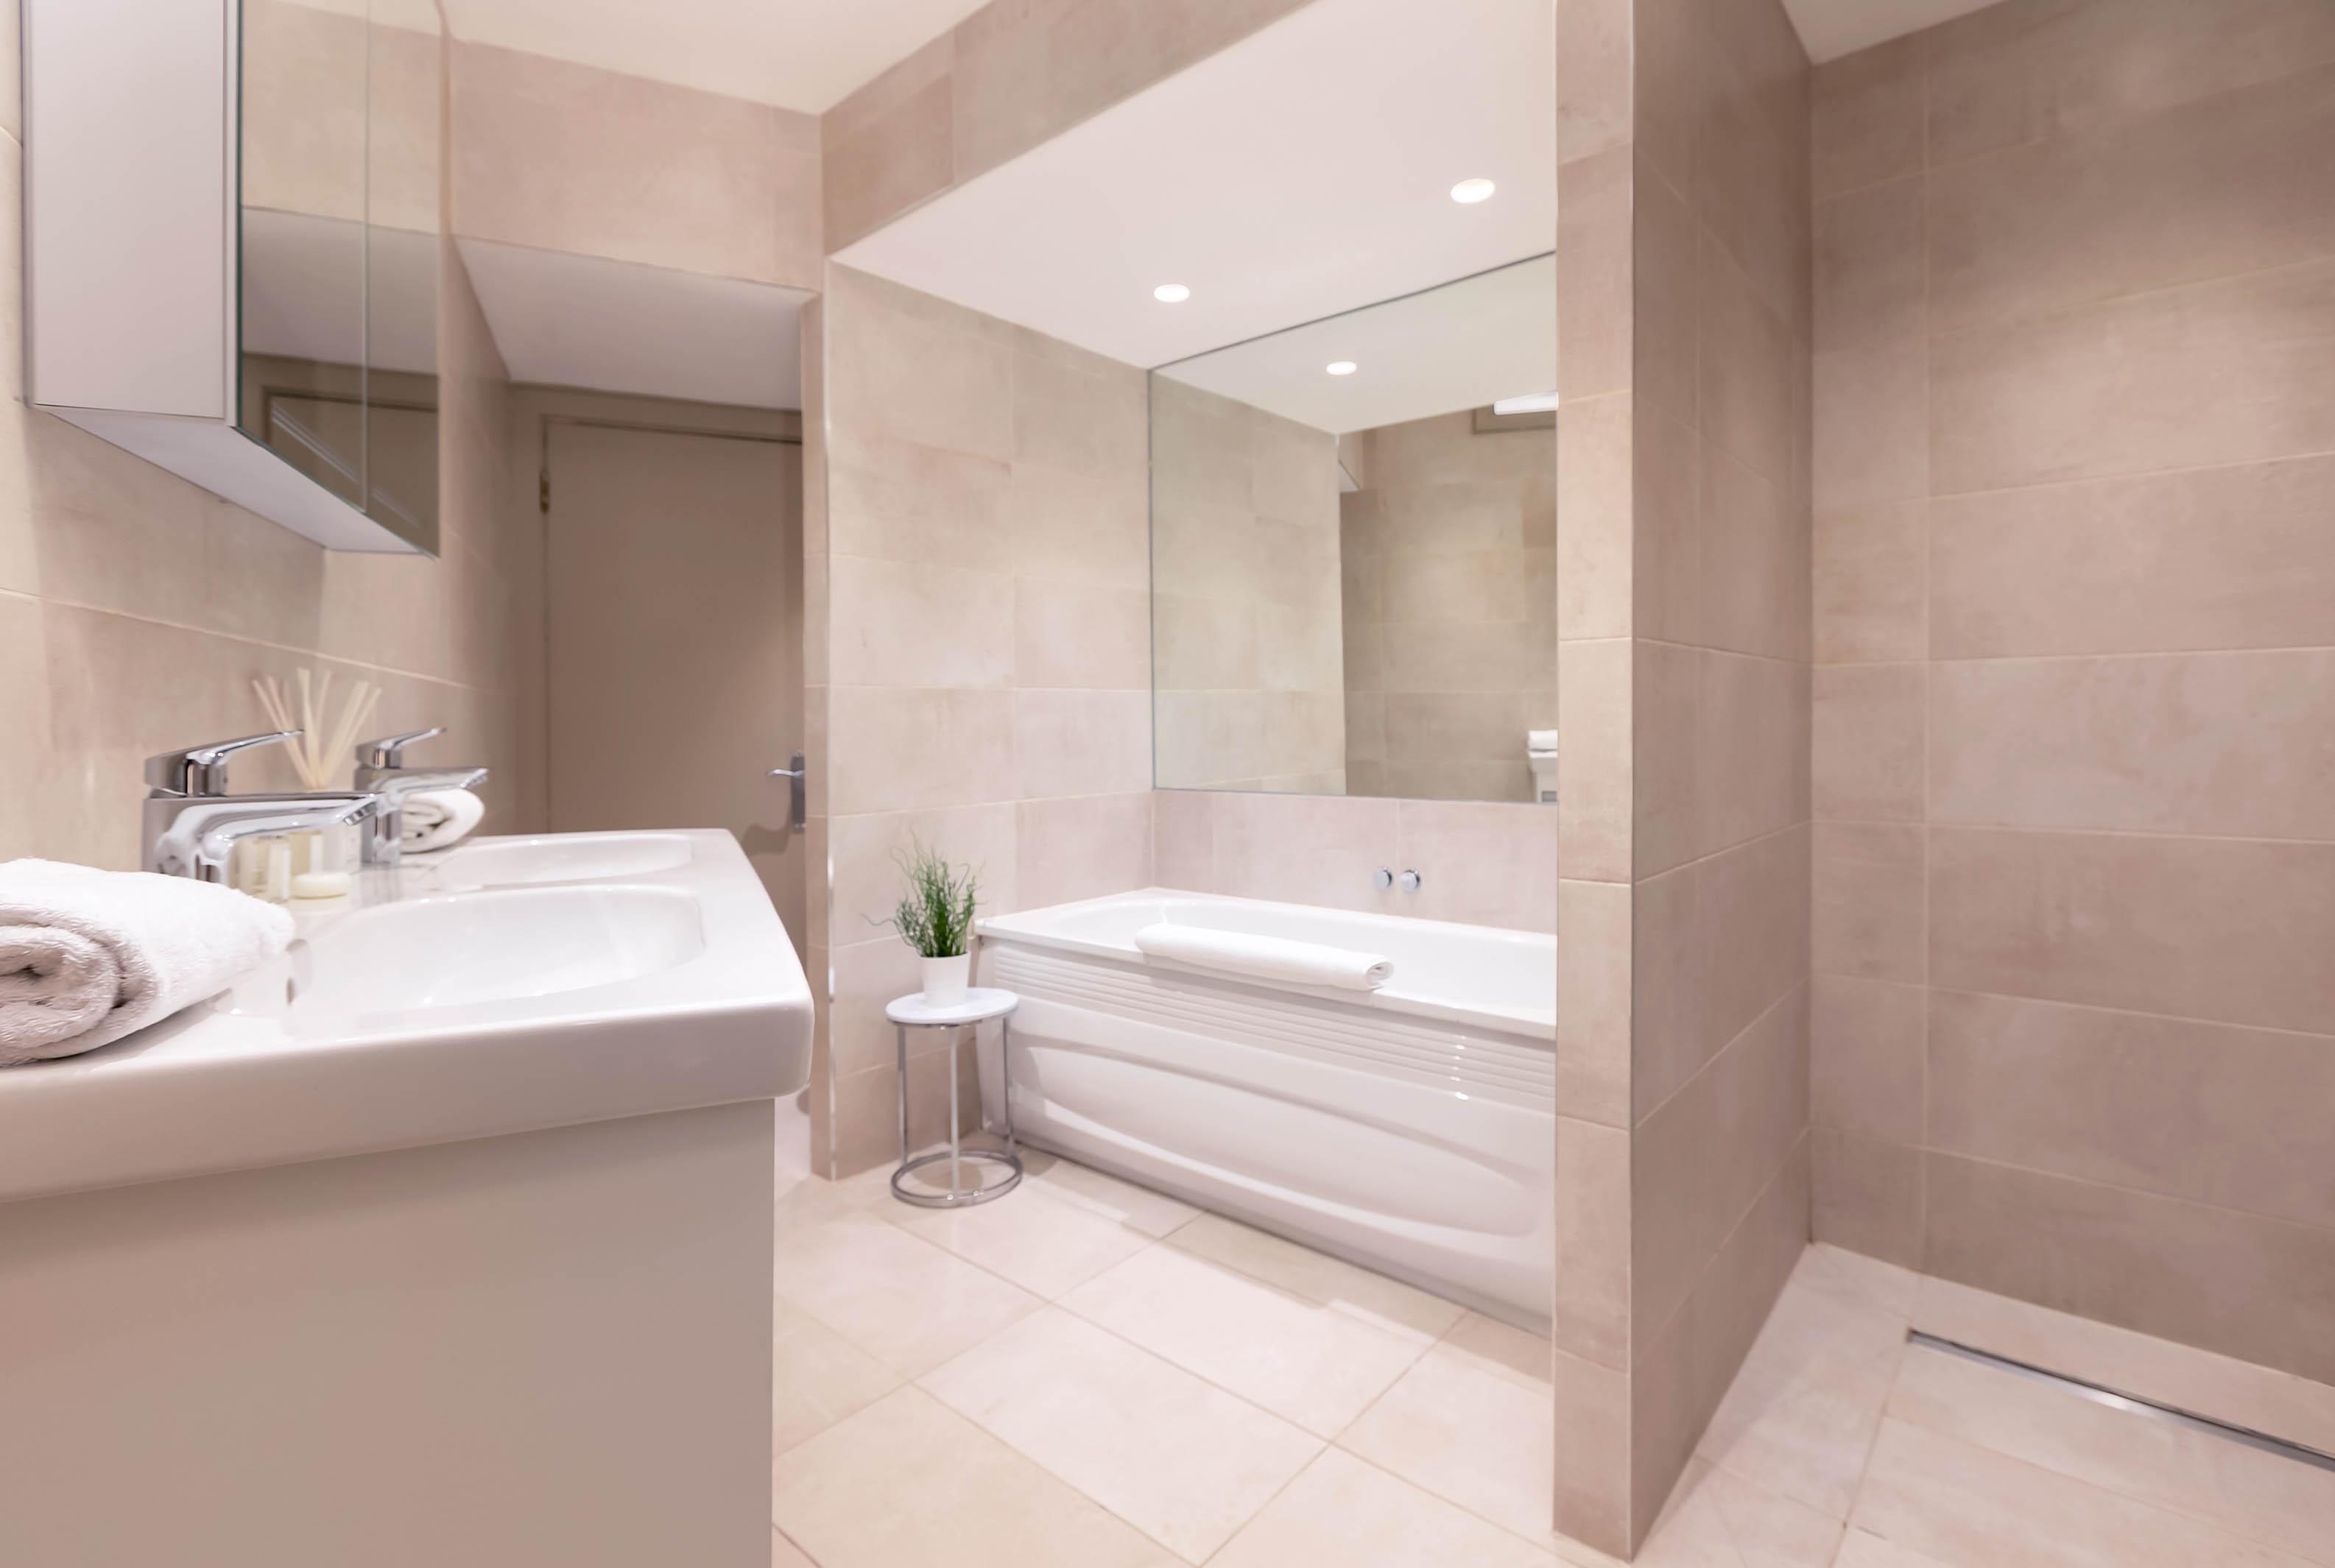 Lovelydays luxury service apartment rental - London - Fitzrovia - Wells Mews B - Lovelysuite - 2 bedrooms - 2 bathrooms - Beautiful bathtub - 94fc53e9d0a0 - Lovelydays